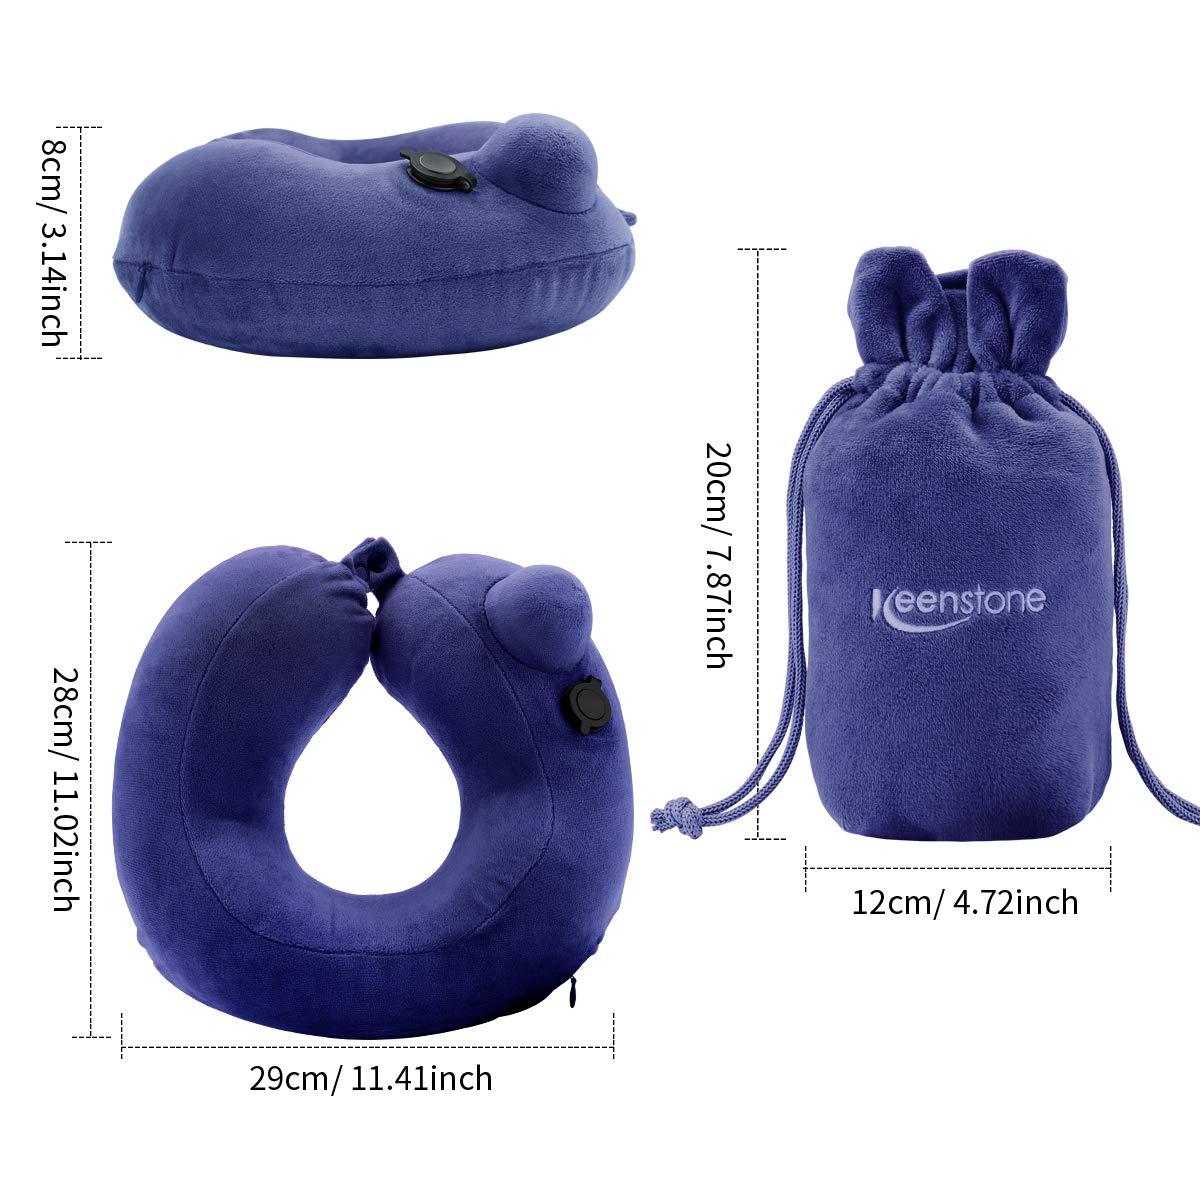 Cuscino da viaggio gonfiabile, ideale per cuscino da viaggio, ufficio, auto e casa con borsa per il trasporto. Cuscino per guanciale compatto e leggero Keenstone con design ergonomico a forma di U Vis